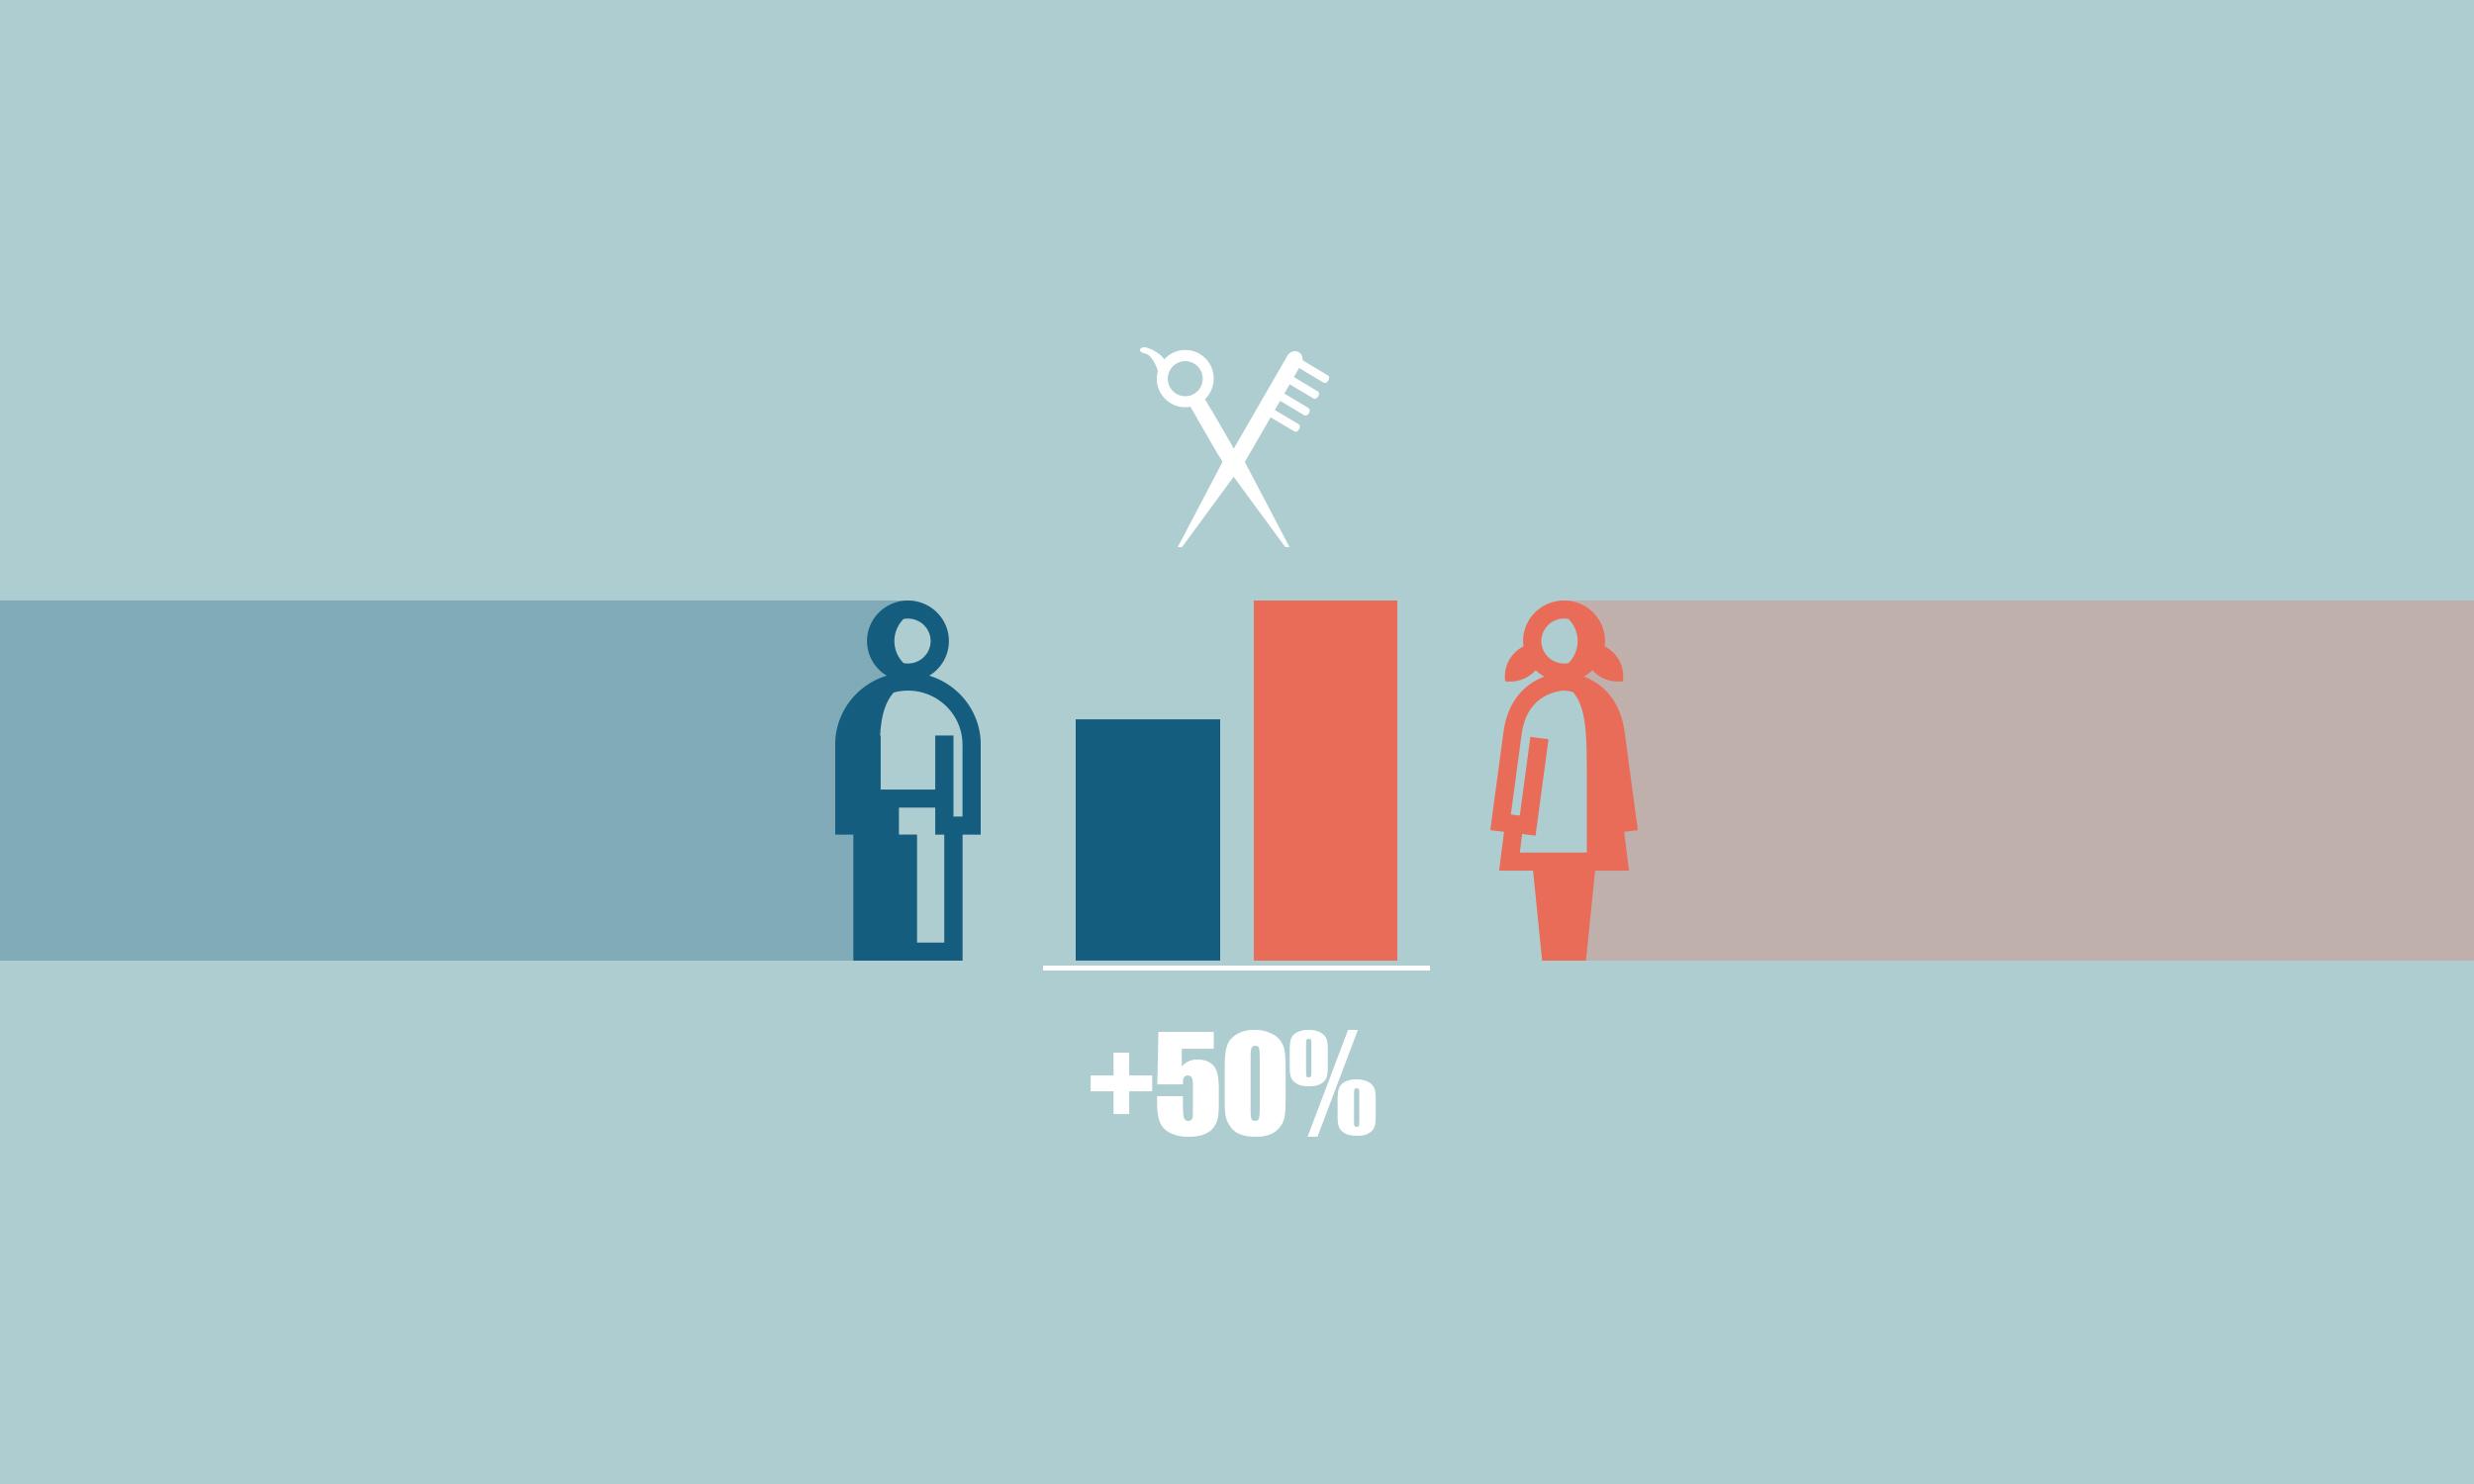 Egal, ob kurz oder lang, die Frau zahlt bis zu 50 Prozent mehr als der Mann.